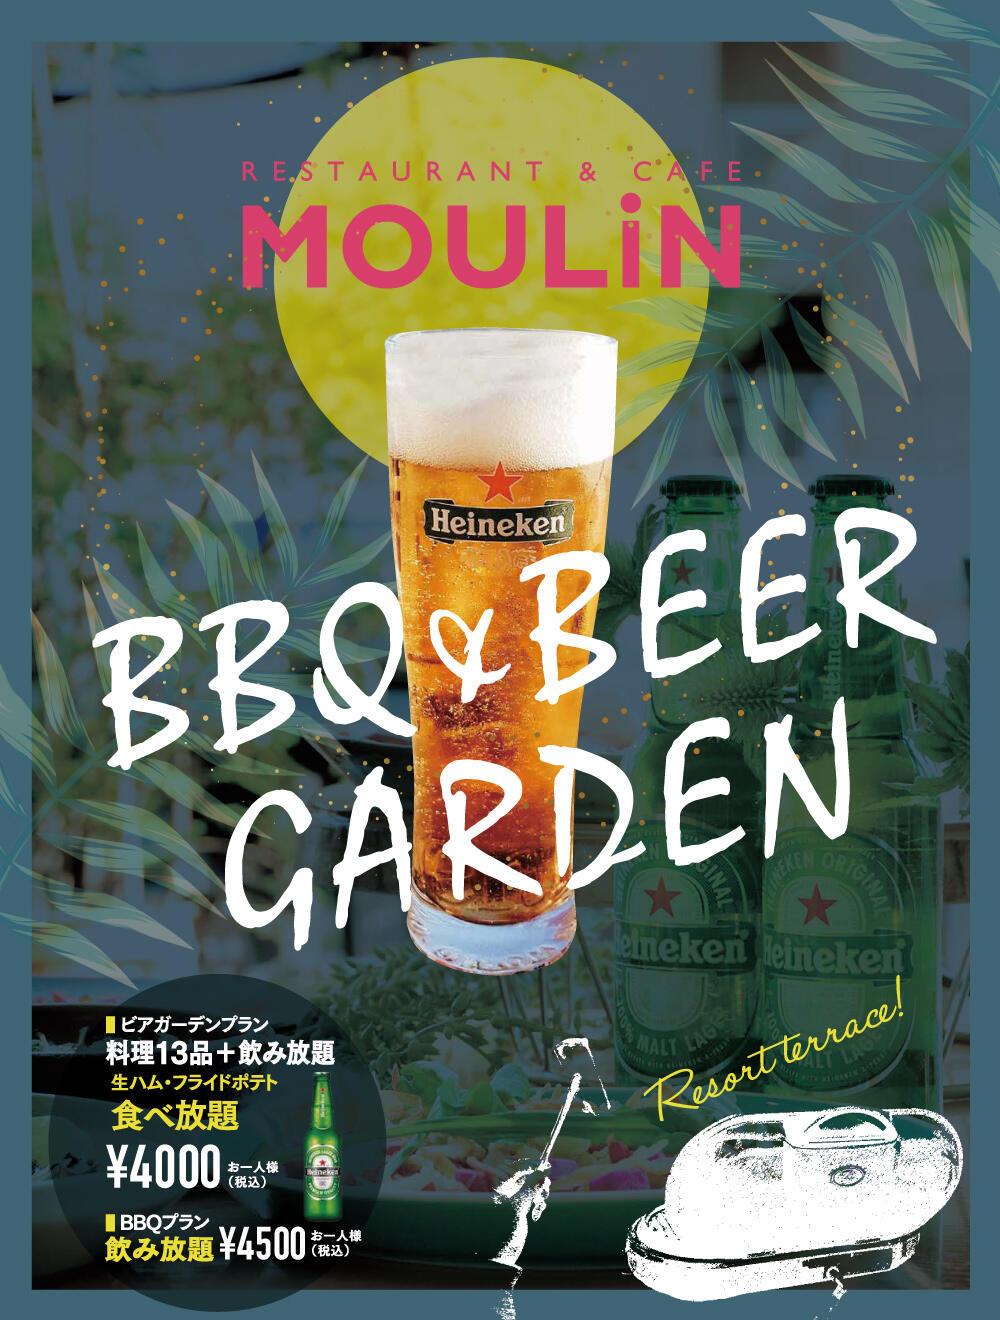 moulin_2006_beergarden_1.jpg